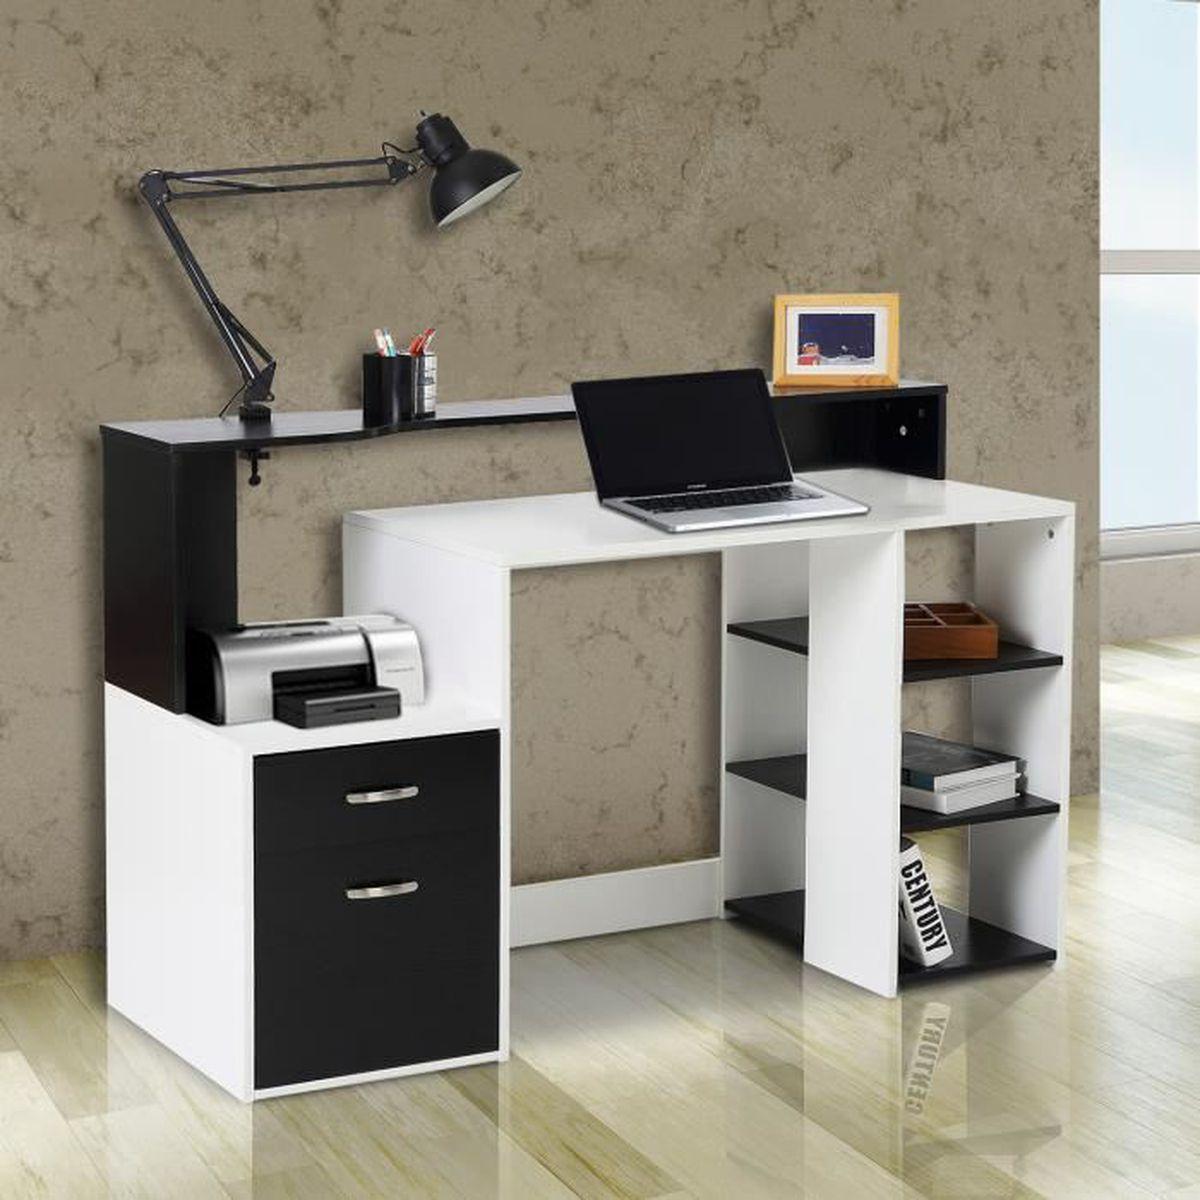 bureau laqu blanc pas cher canap jaune places with bureau laqu blanc pas cher lit mezzanine. Black Bedroom Furniture Sets. Home Design Ideas